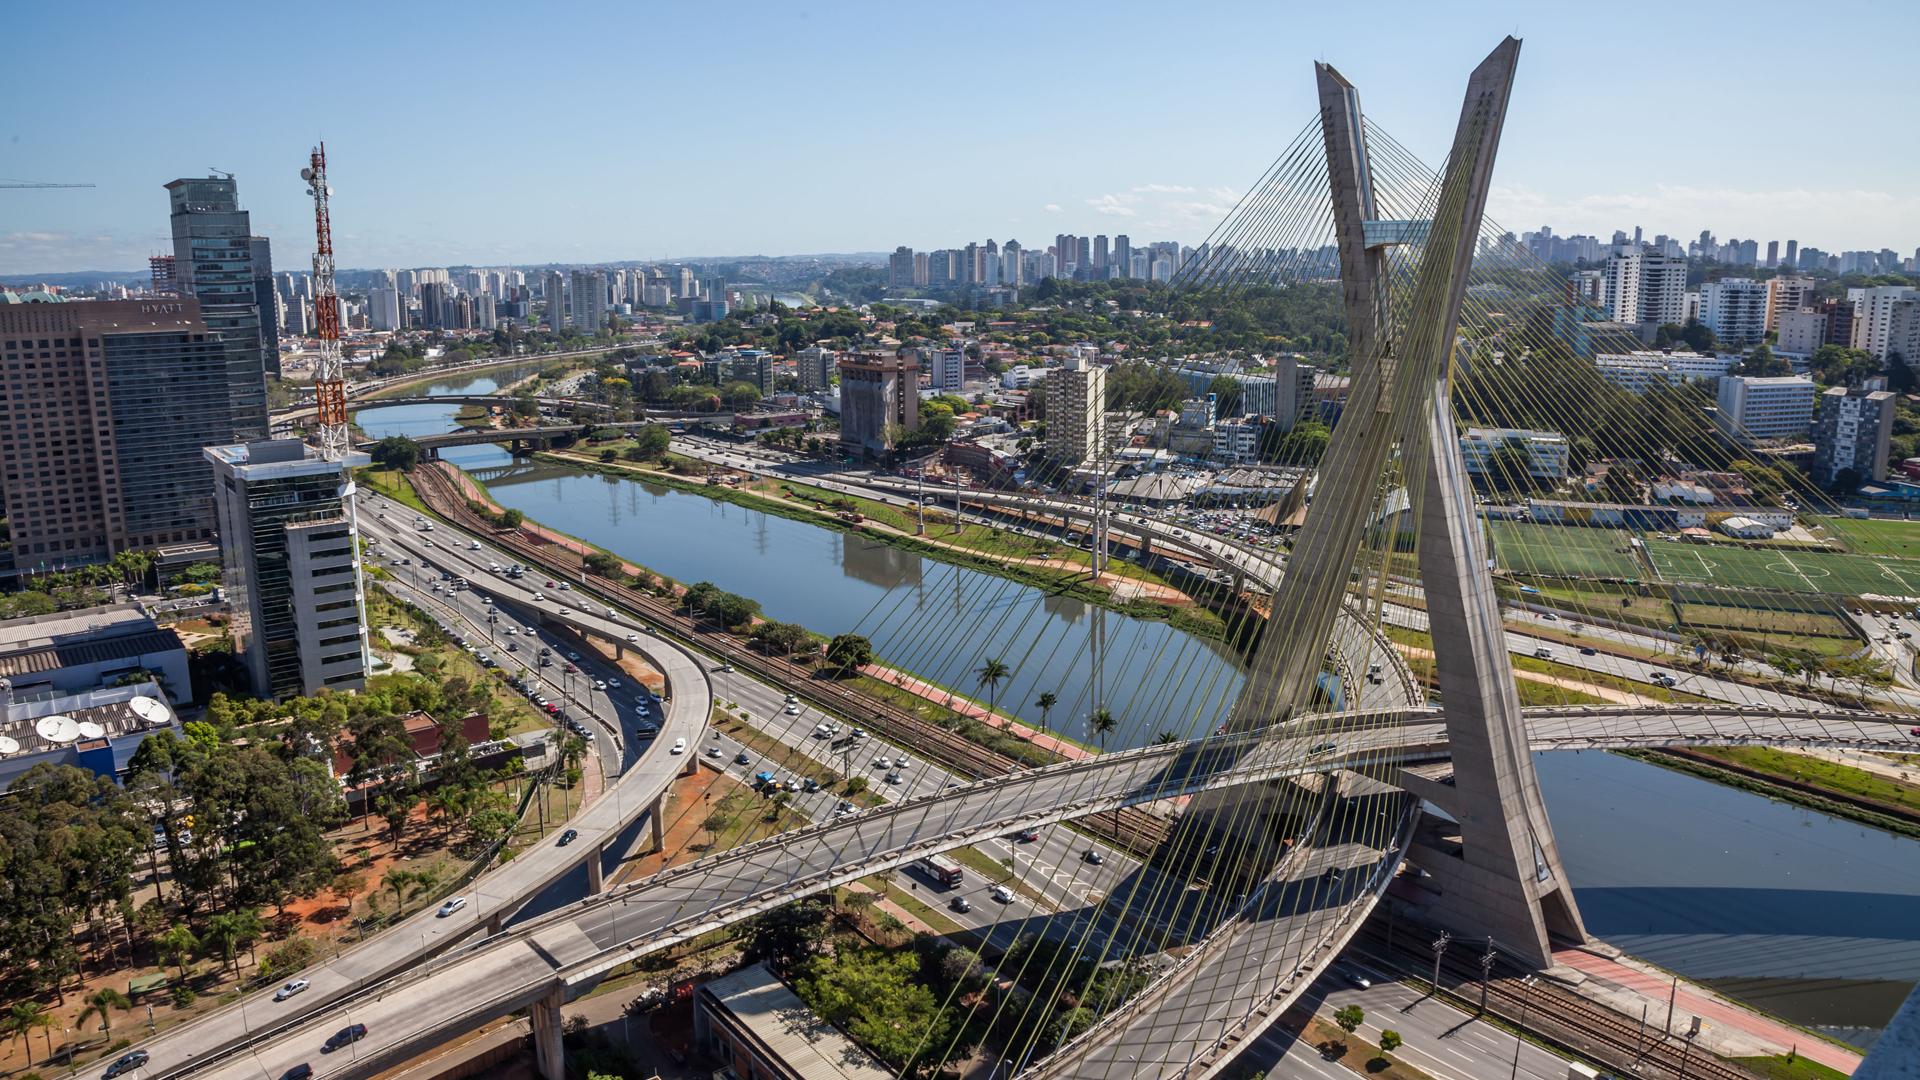 Faria lima é uma das regiões mais requisitadas por big techs e startups, mas não ocupa primeira posição no ranking